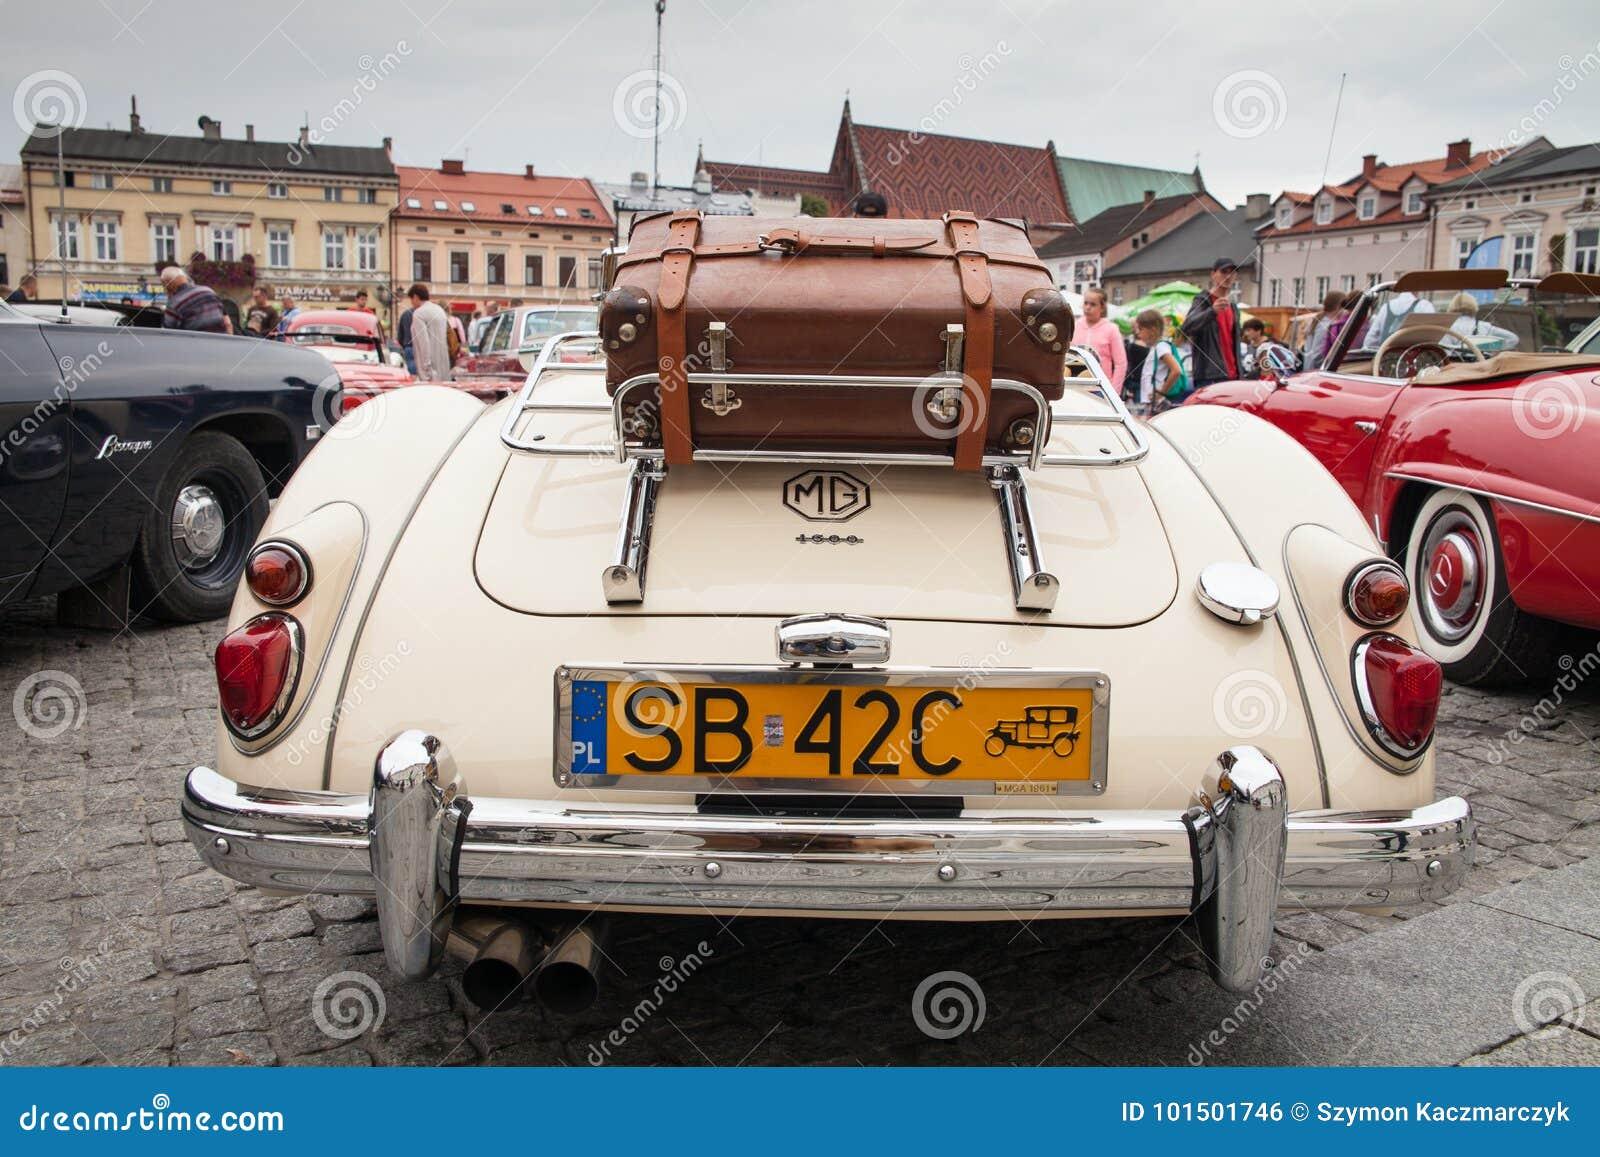 MG 1600, Rear View, Retro Design Car  Exhibition Of Vintage